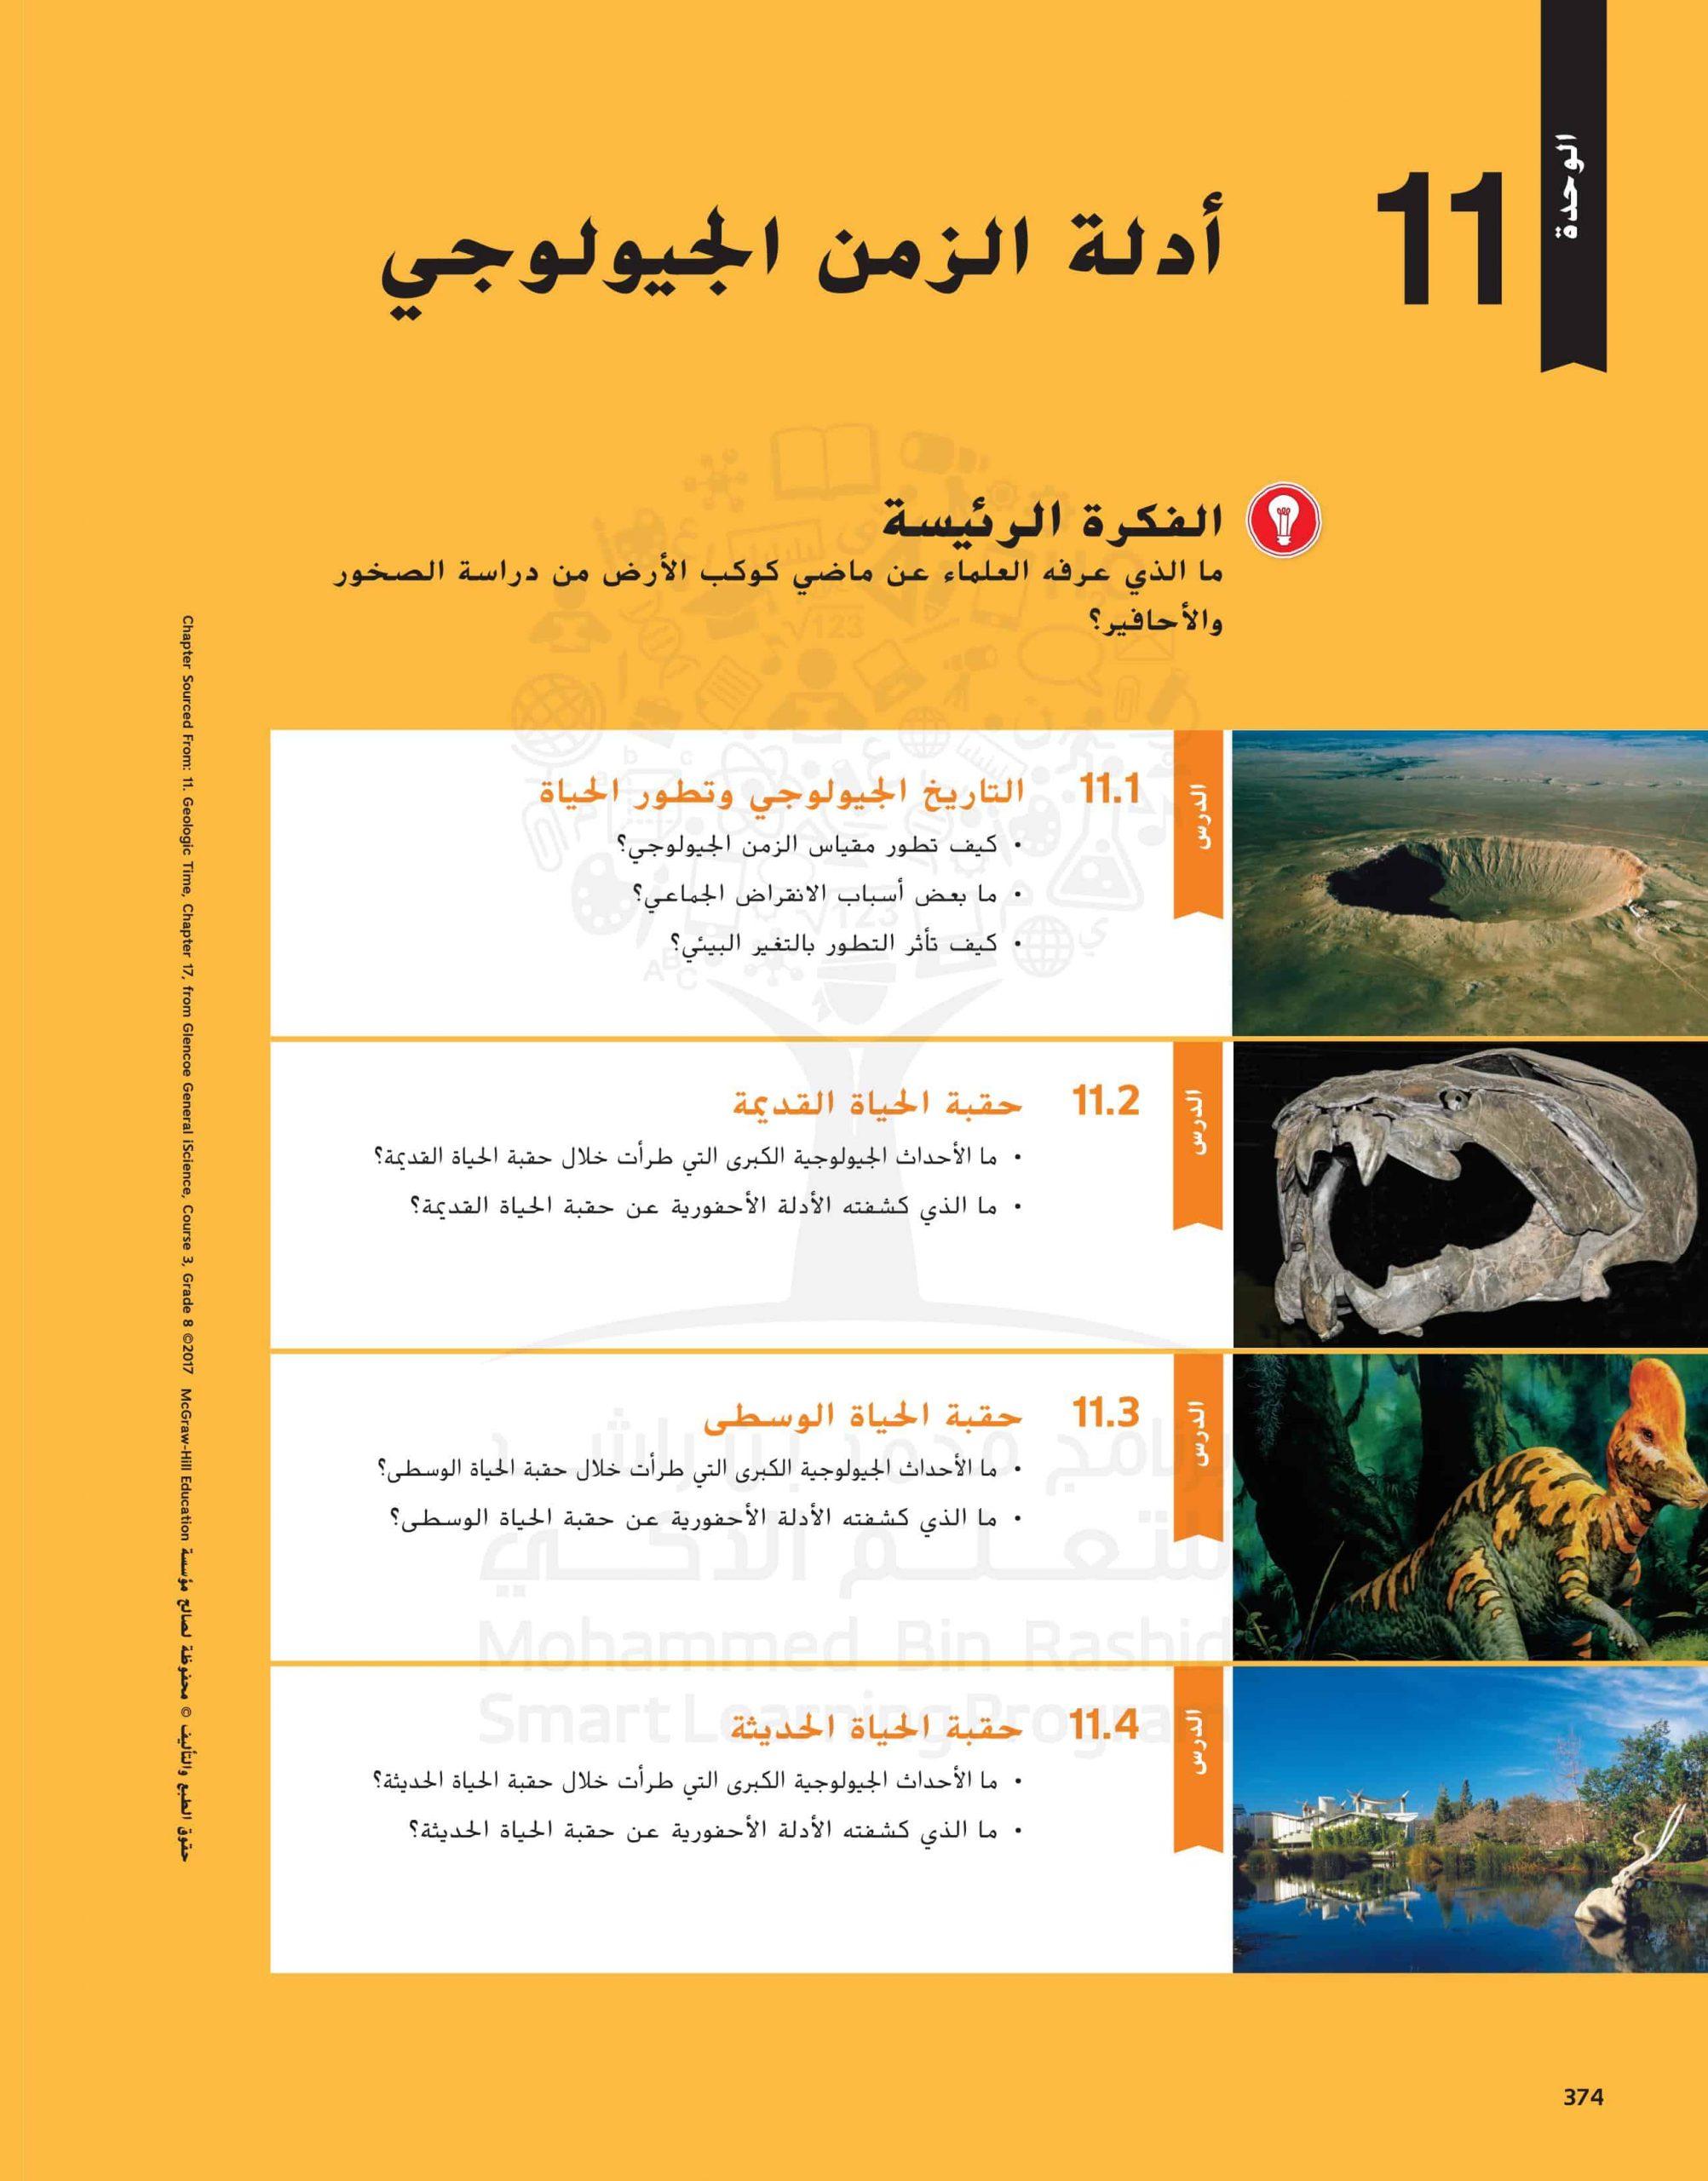 كتاب الطالب وحدة أدلة الزمن الجيولوجي الفصل الدراسي الثالث 2020-2021 الصف الثامن مادة العلوم المتكاملة